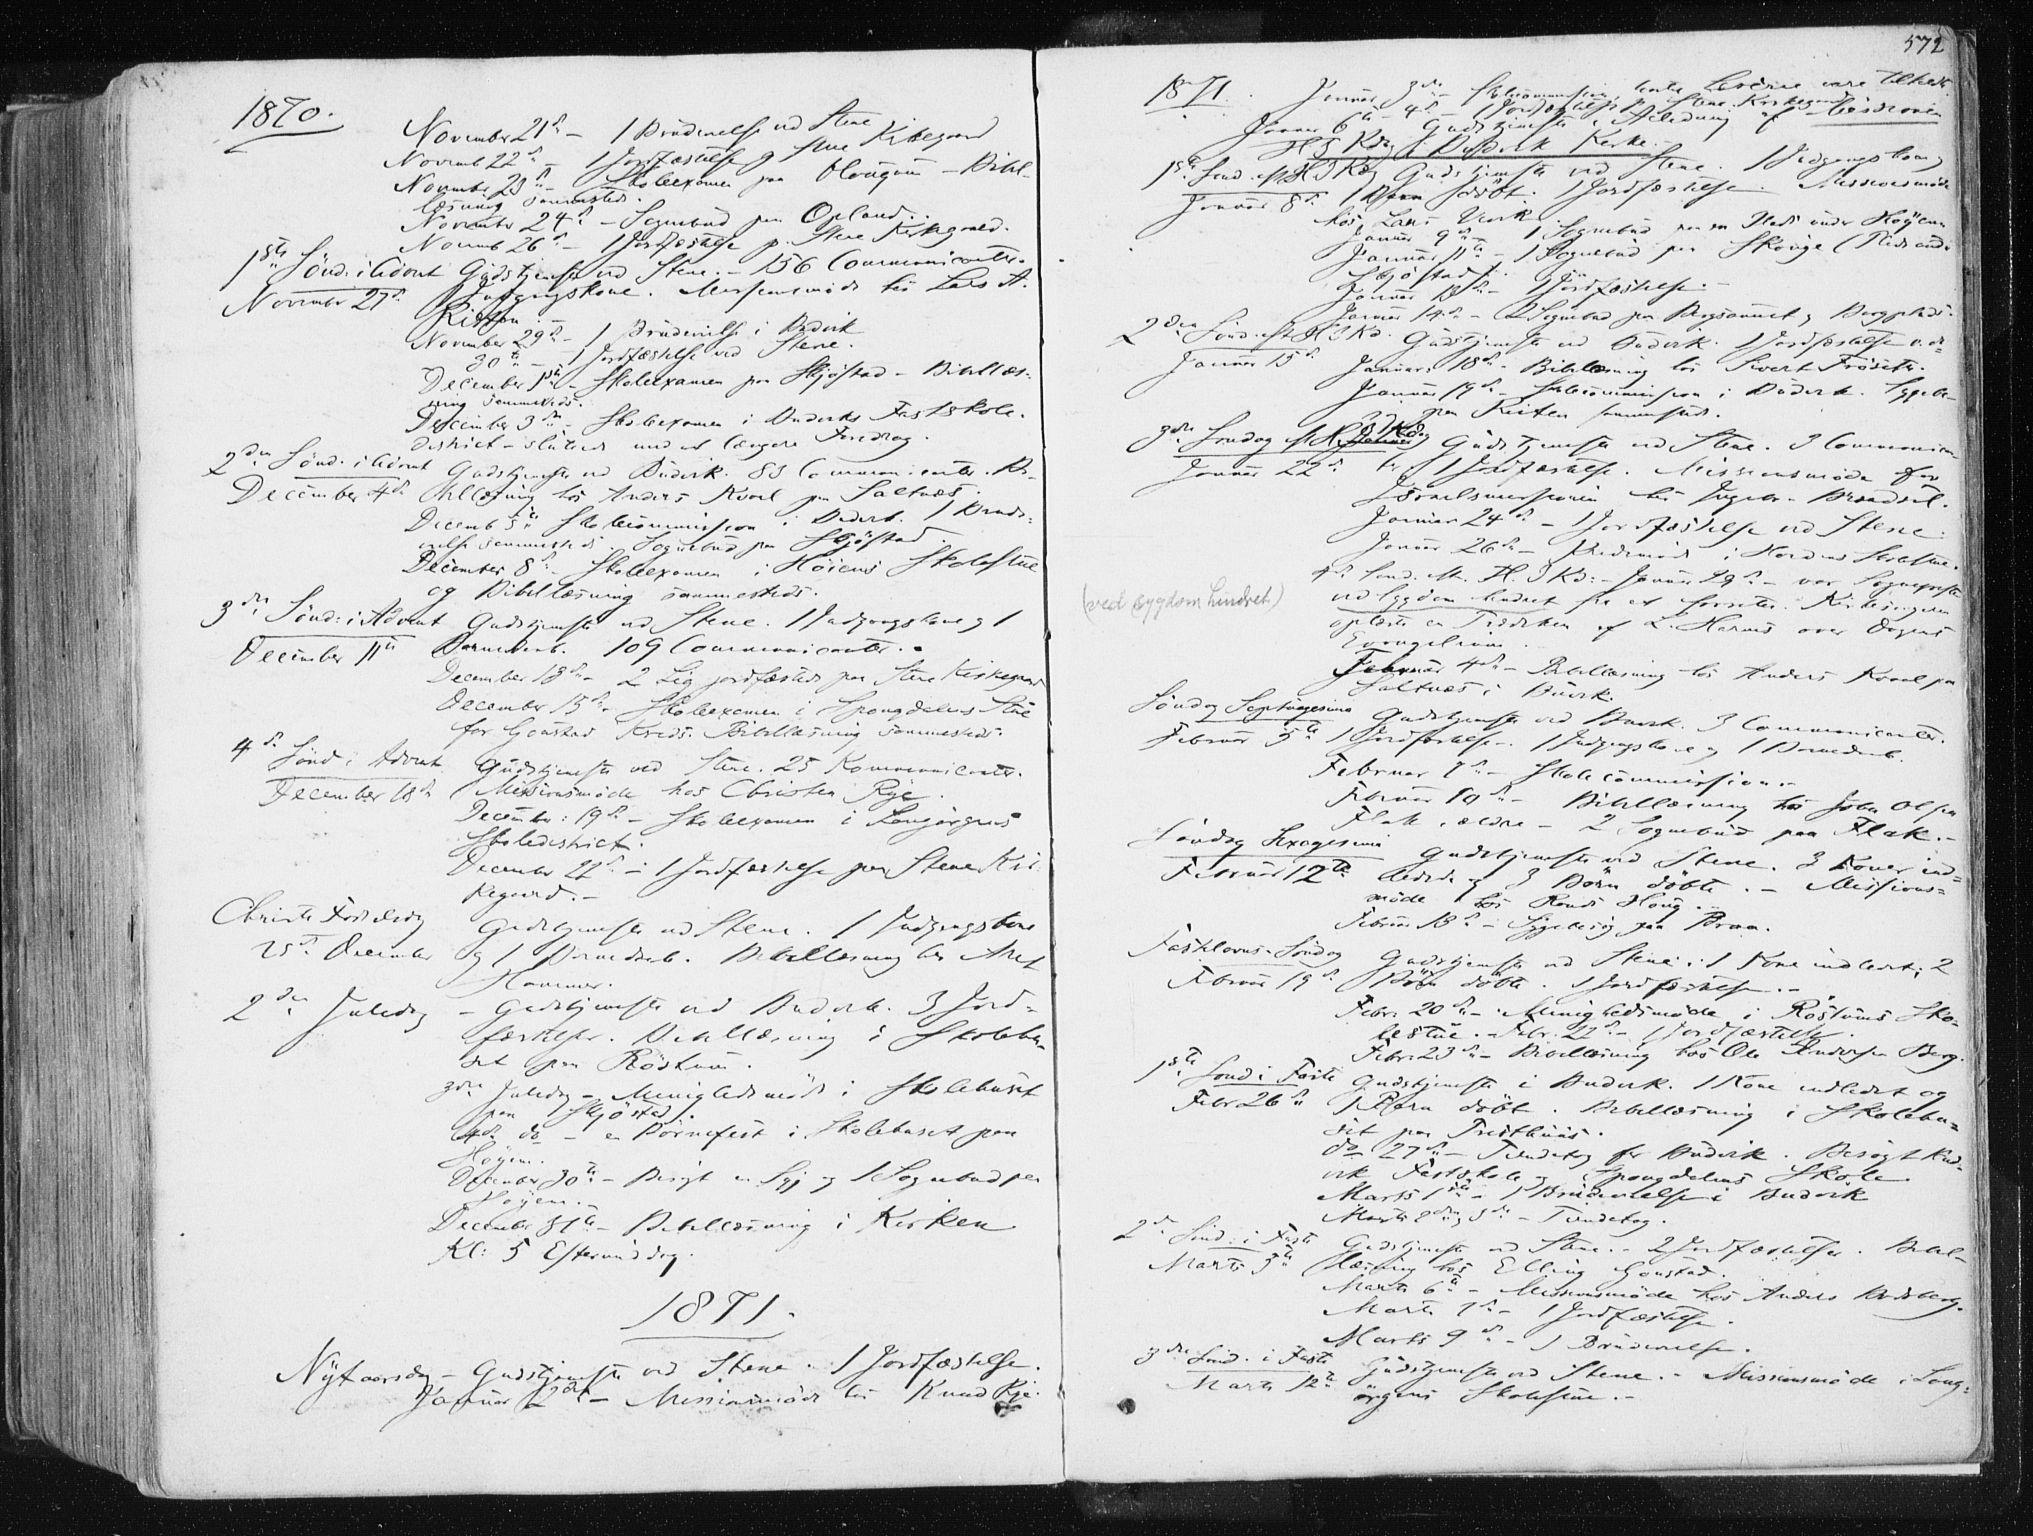 SAT, Ministerialprotokoller, klokkerbøker og fødselsregistre - Sør-Trøndelag, 612/L0377: Ministerialbok nr. 612A09, 1859-1877, s. 572